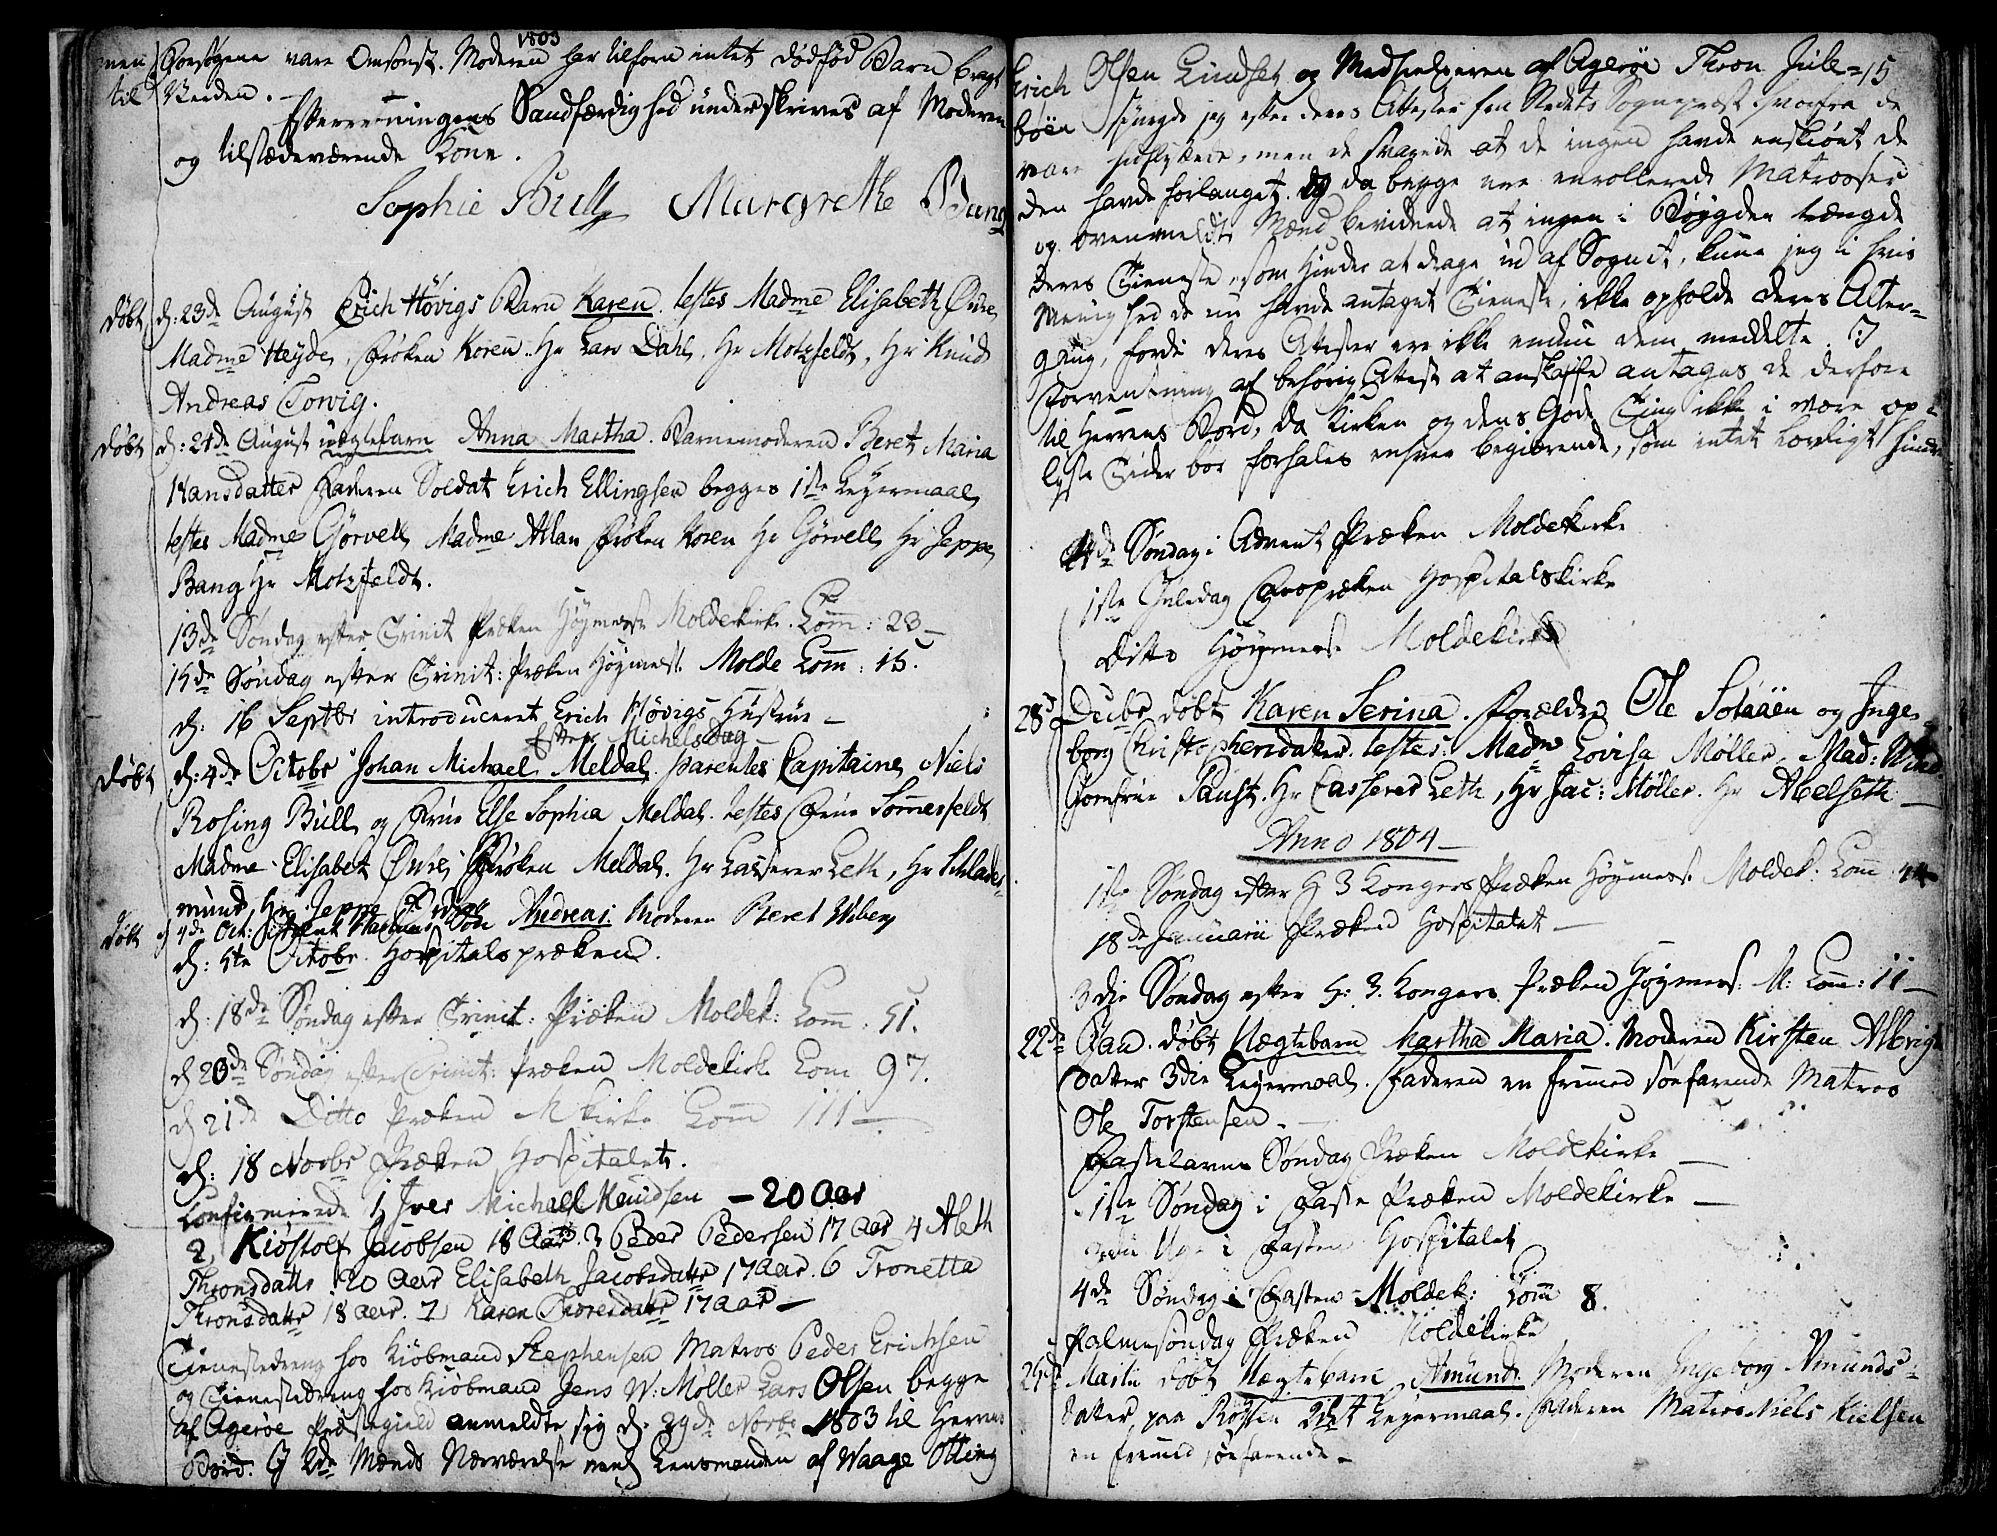 SAT, Ministerialprotokoller, klokkerbøker og fødselsregistre - Møre og Romsdal, 558/L0687: Ministerialbok nr. 558A01, 1798-1818, s. 15